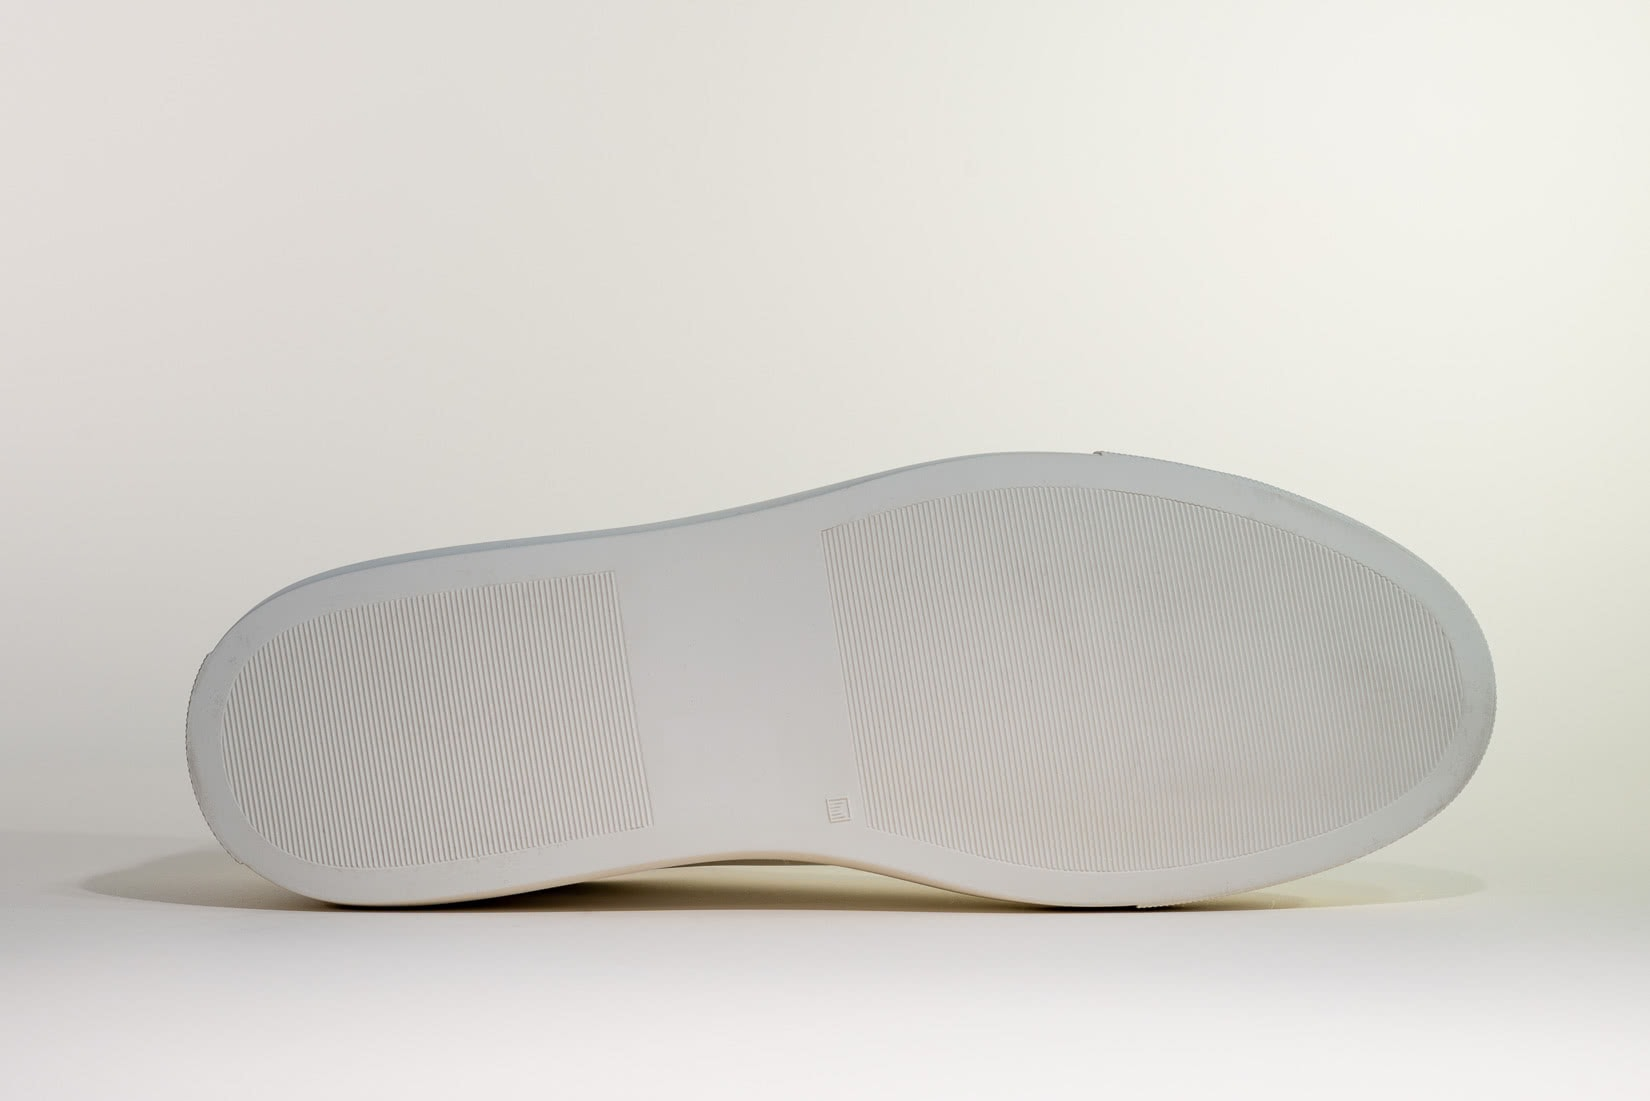 oliver cabell review zapatillas bajas 1 suela - Luxe Digital